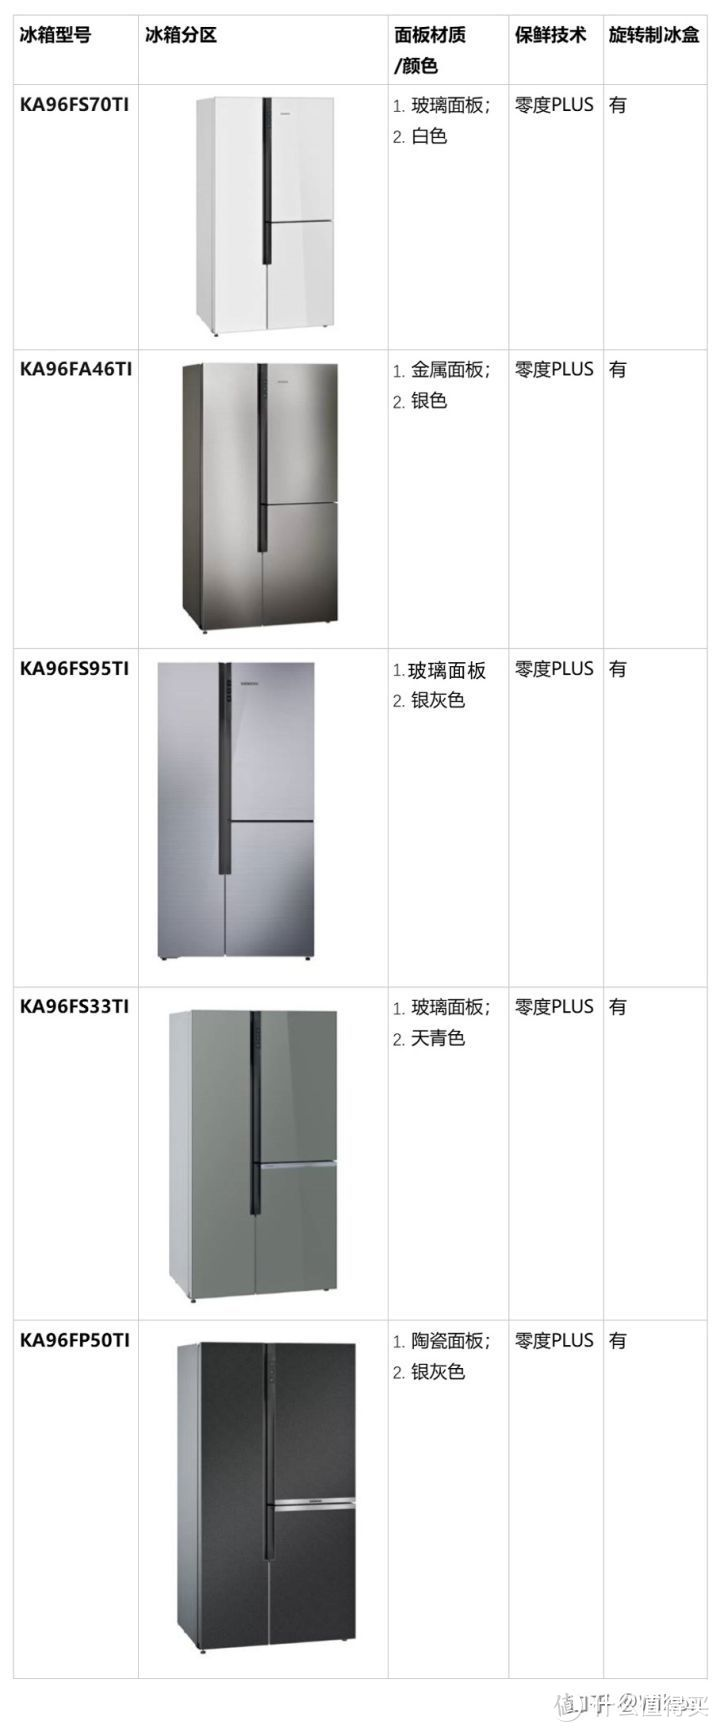 冰箱选购攻略之西门子冰箱怎么选&不同型号西门子冰箱有何区别?